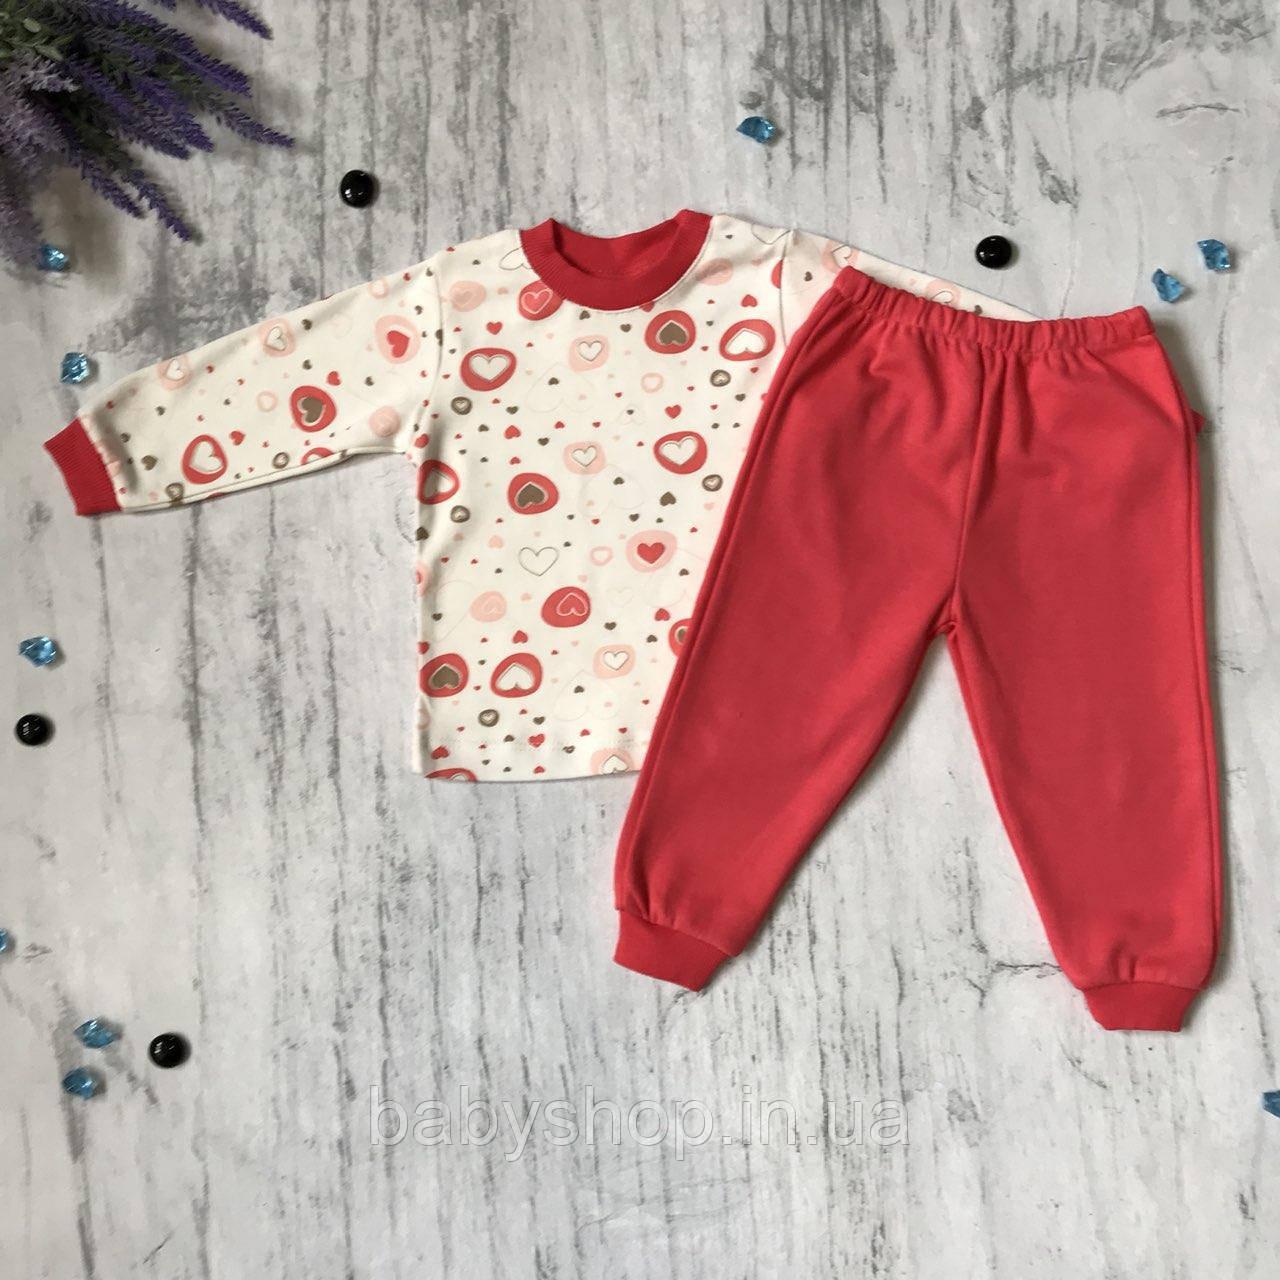 Пижама детская Babyjoy на девочку 2/6. Размеры  80 см